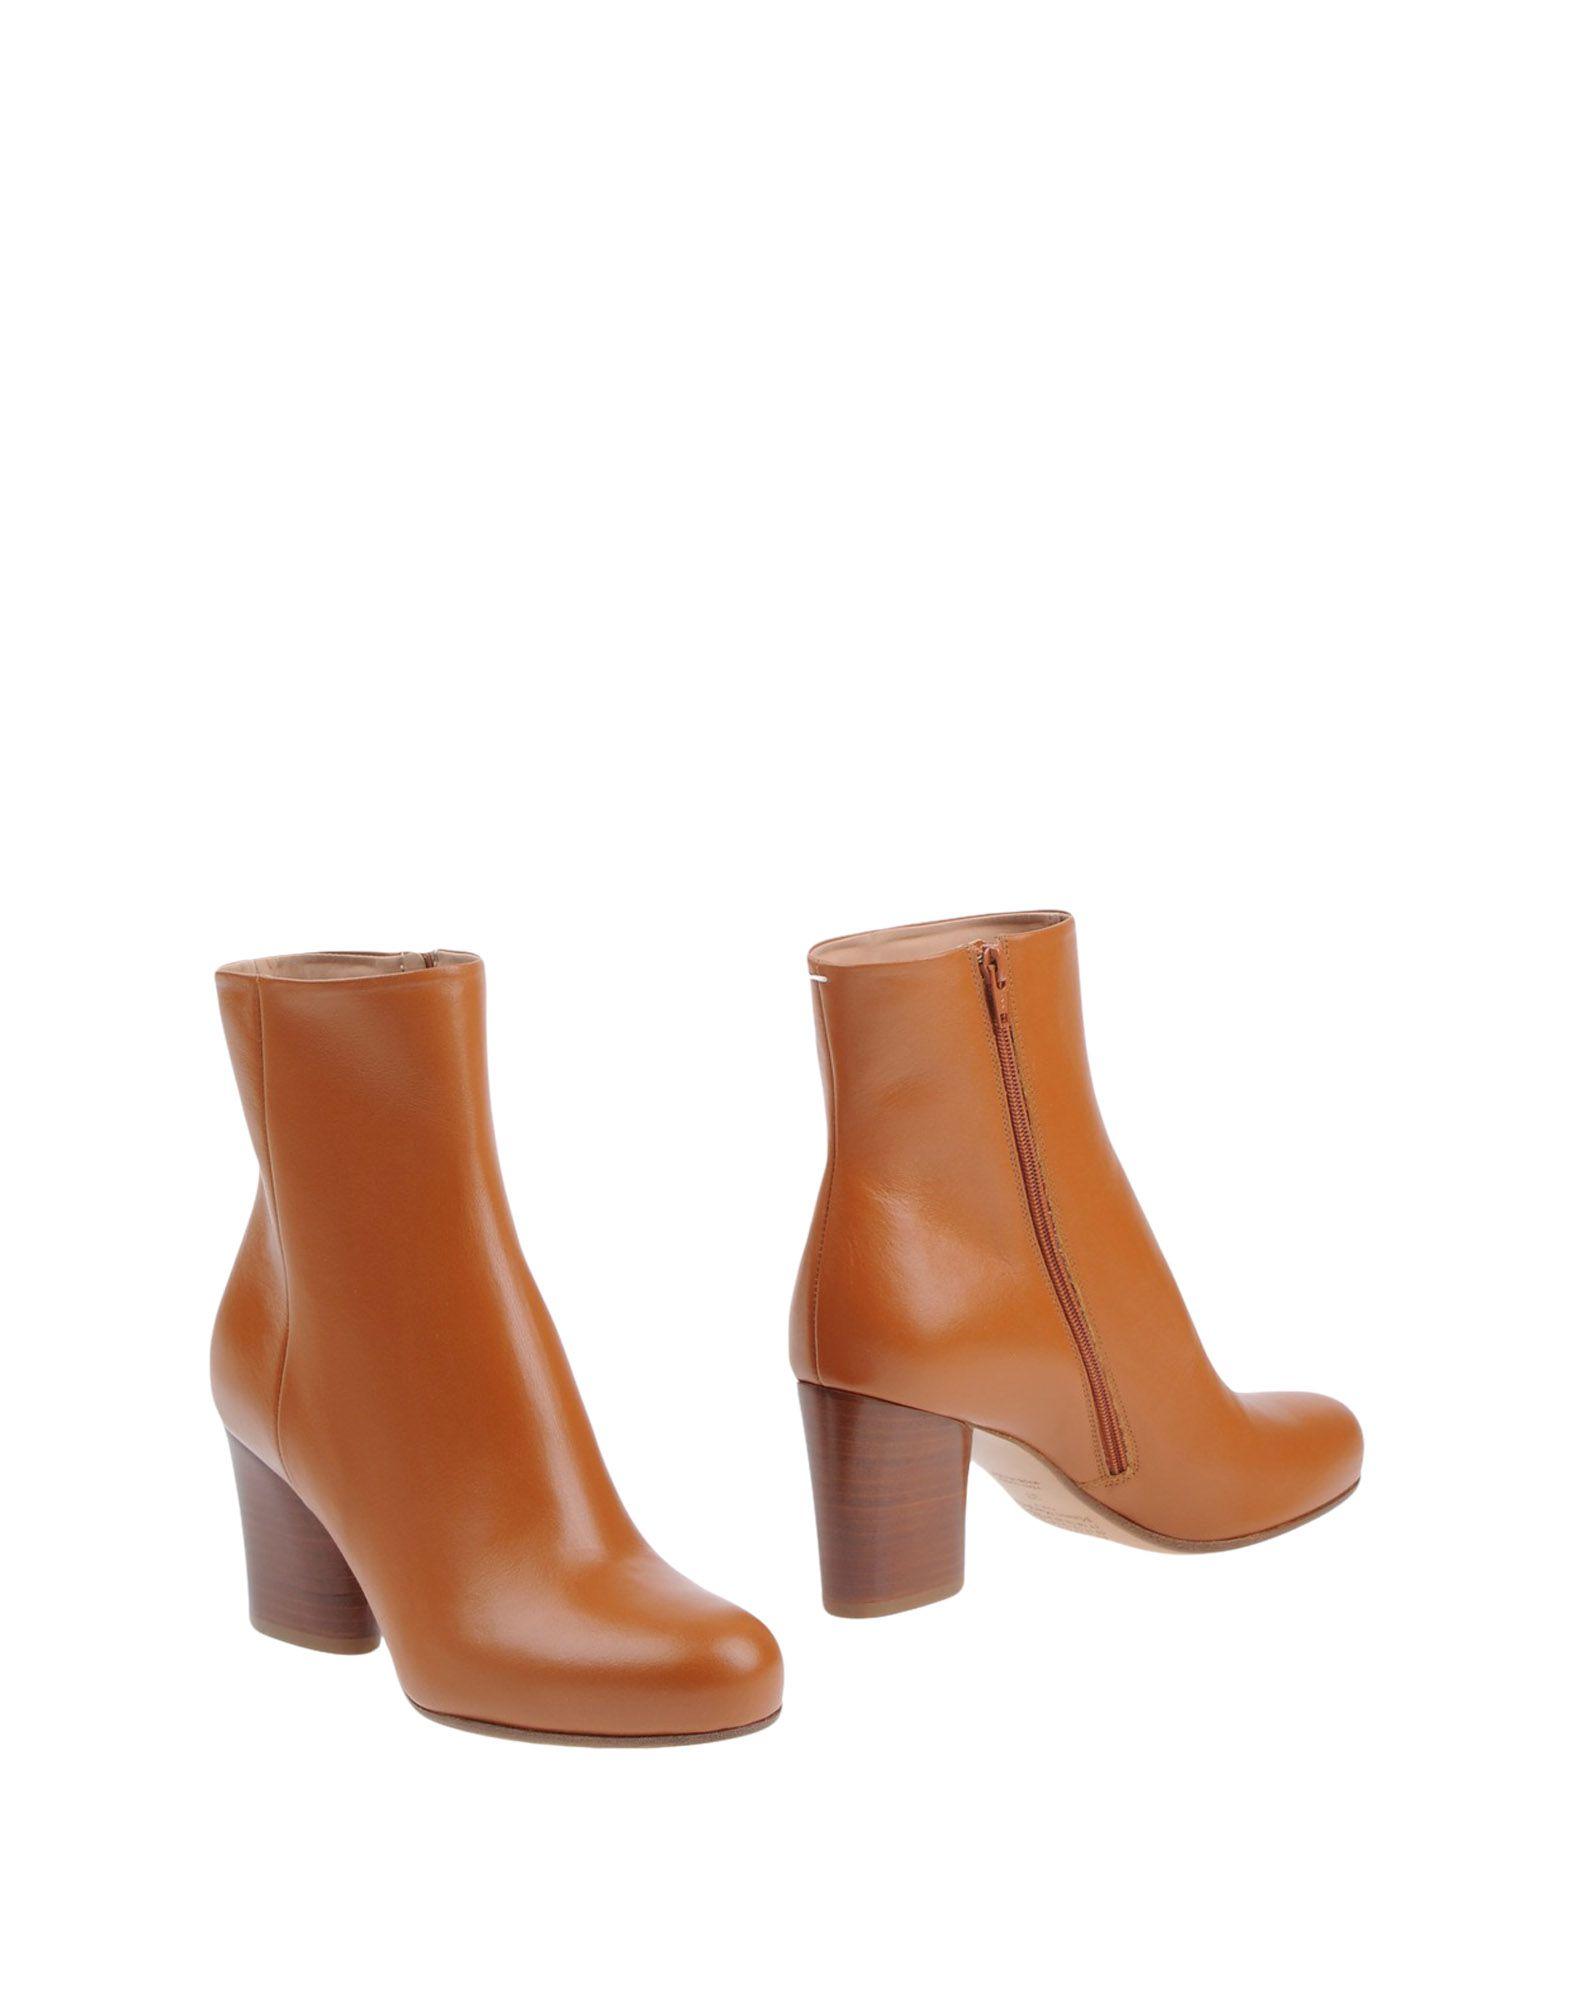 Maison Margiela Stiefelette Damen  11334618GLGut aussehende strapazierfähige Schuhe